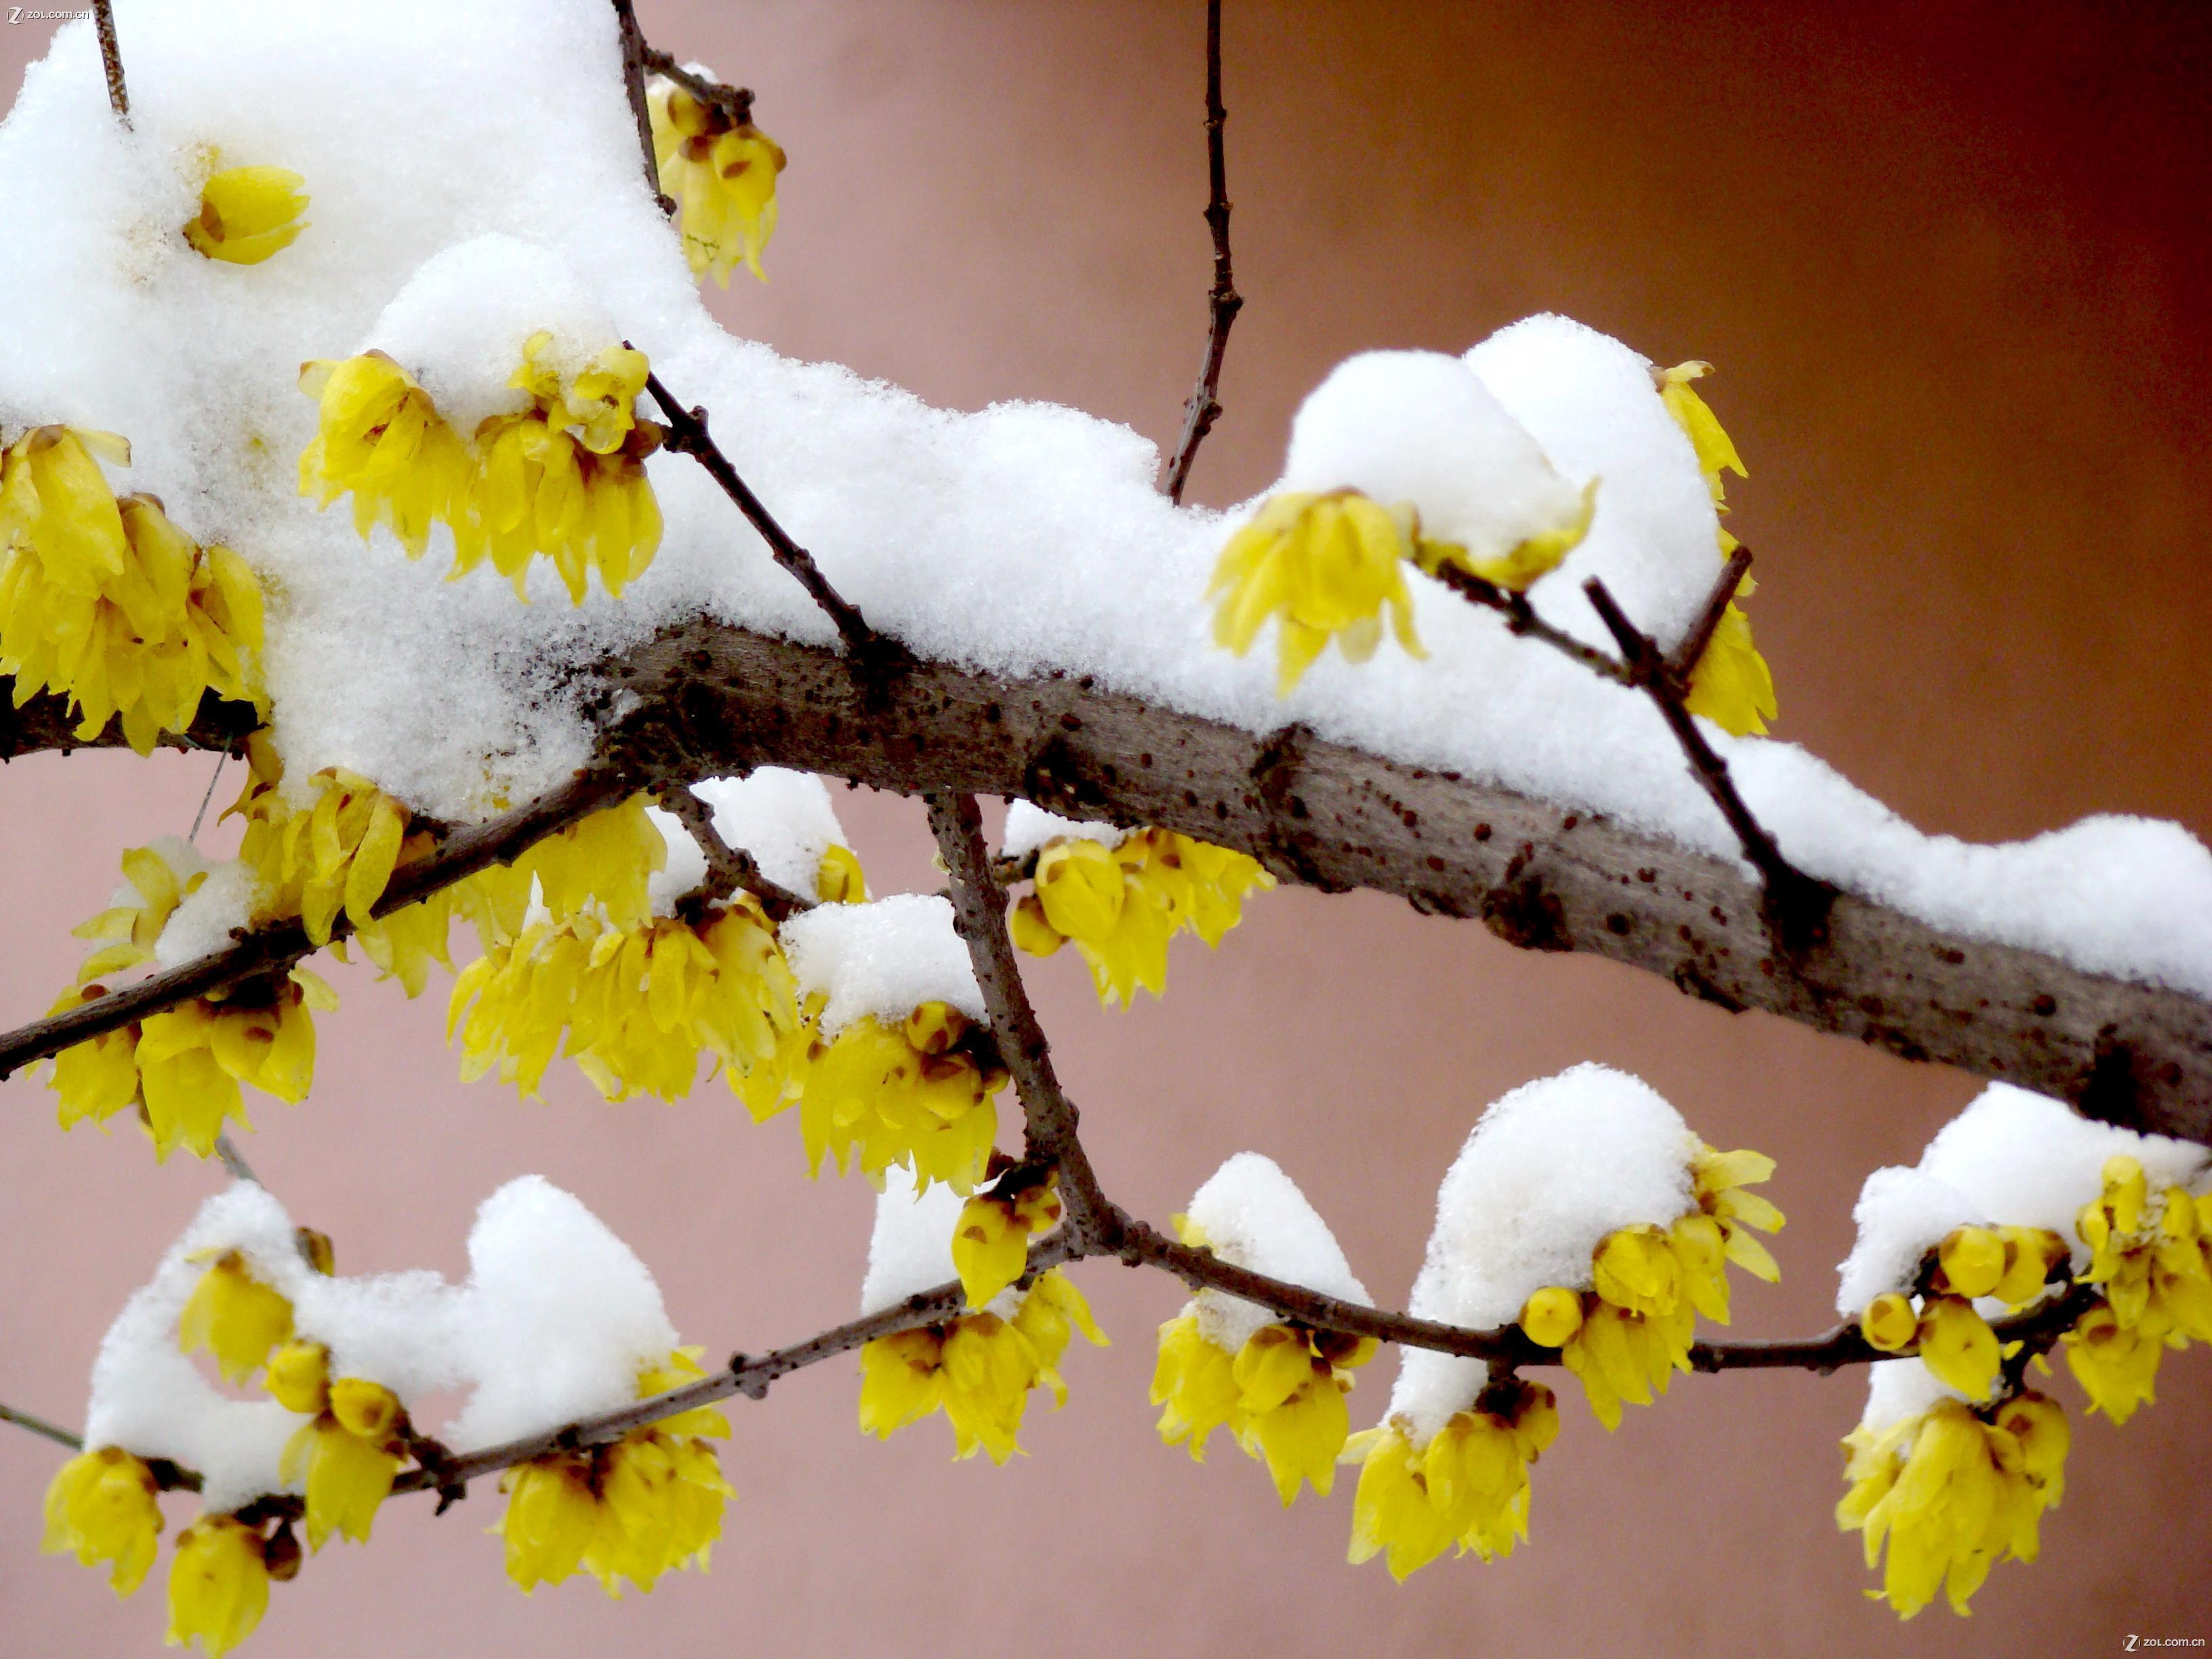 【雪后的梅花】-动物植物论坛-zol中关村在线